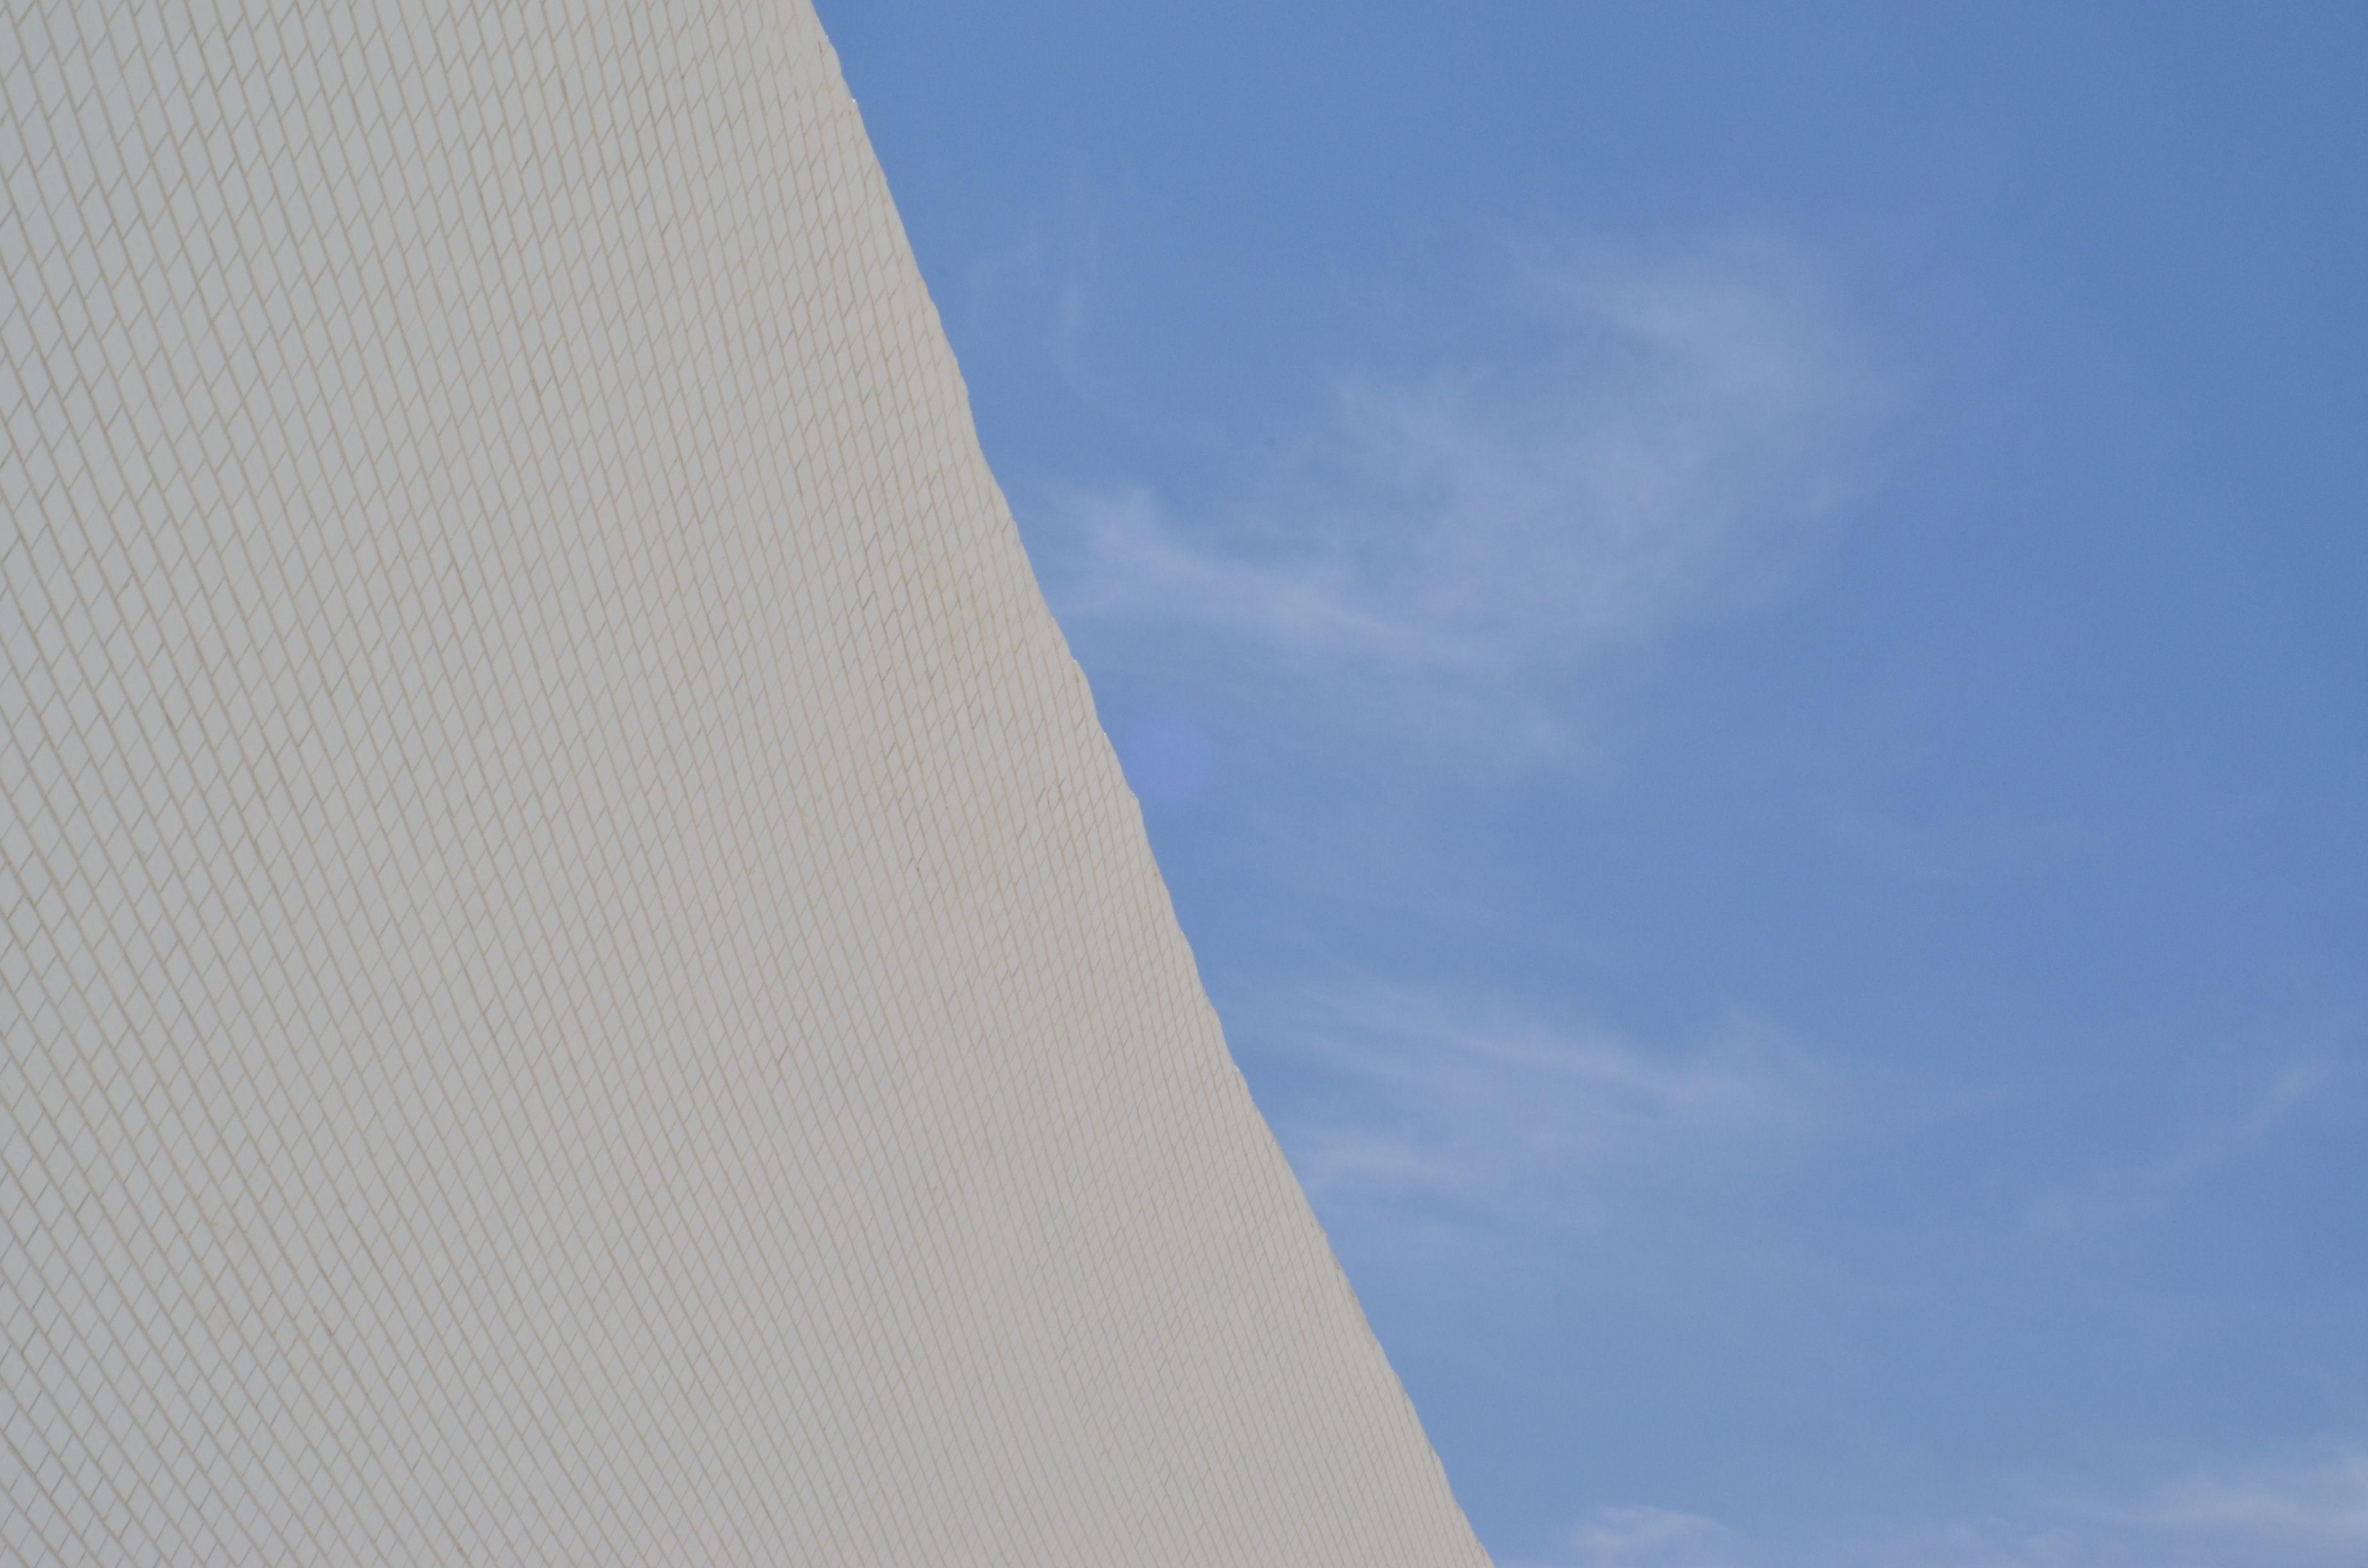 Aula 06/09 - Mágica